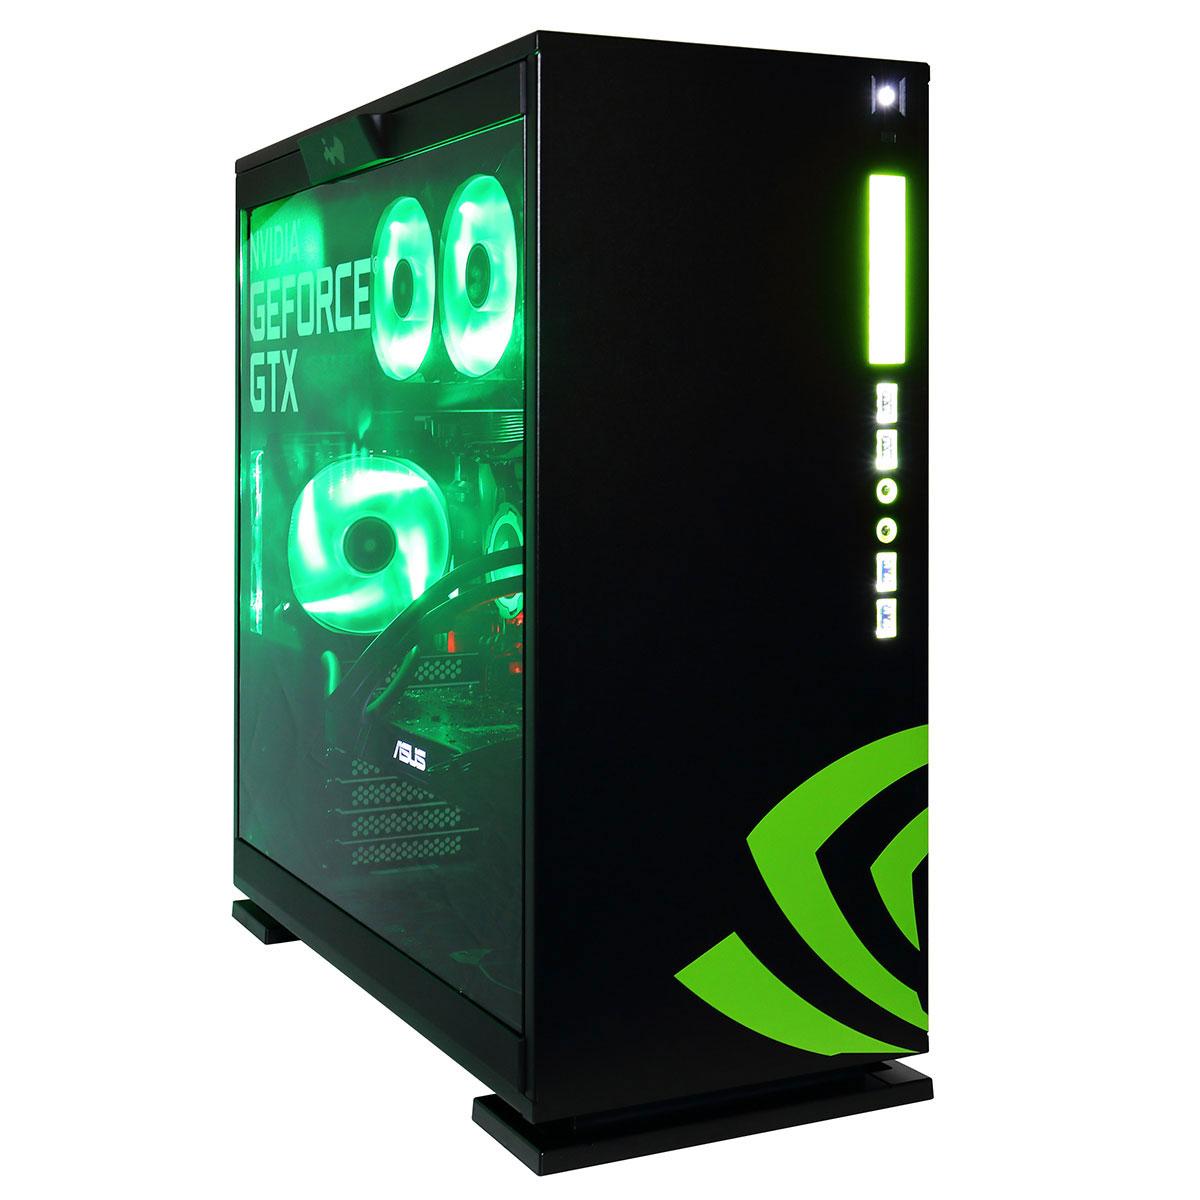 PC de bureau LDLC PC RealT Intel Core i7-7700K (4.2 GHz) 16 Go SSD 250 Go + SSHD 2 To NVIDIA GeForce GTX 1080 8 Go (sans OS - monté)